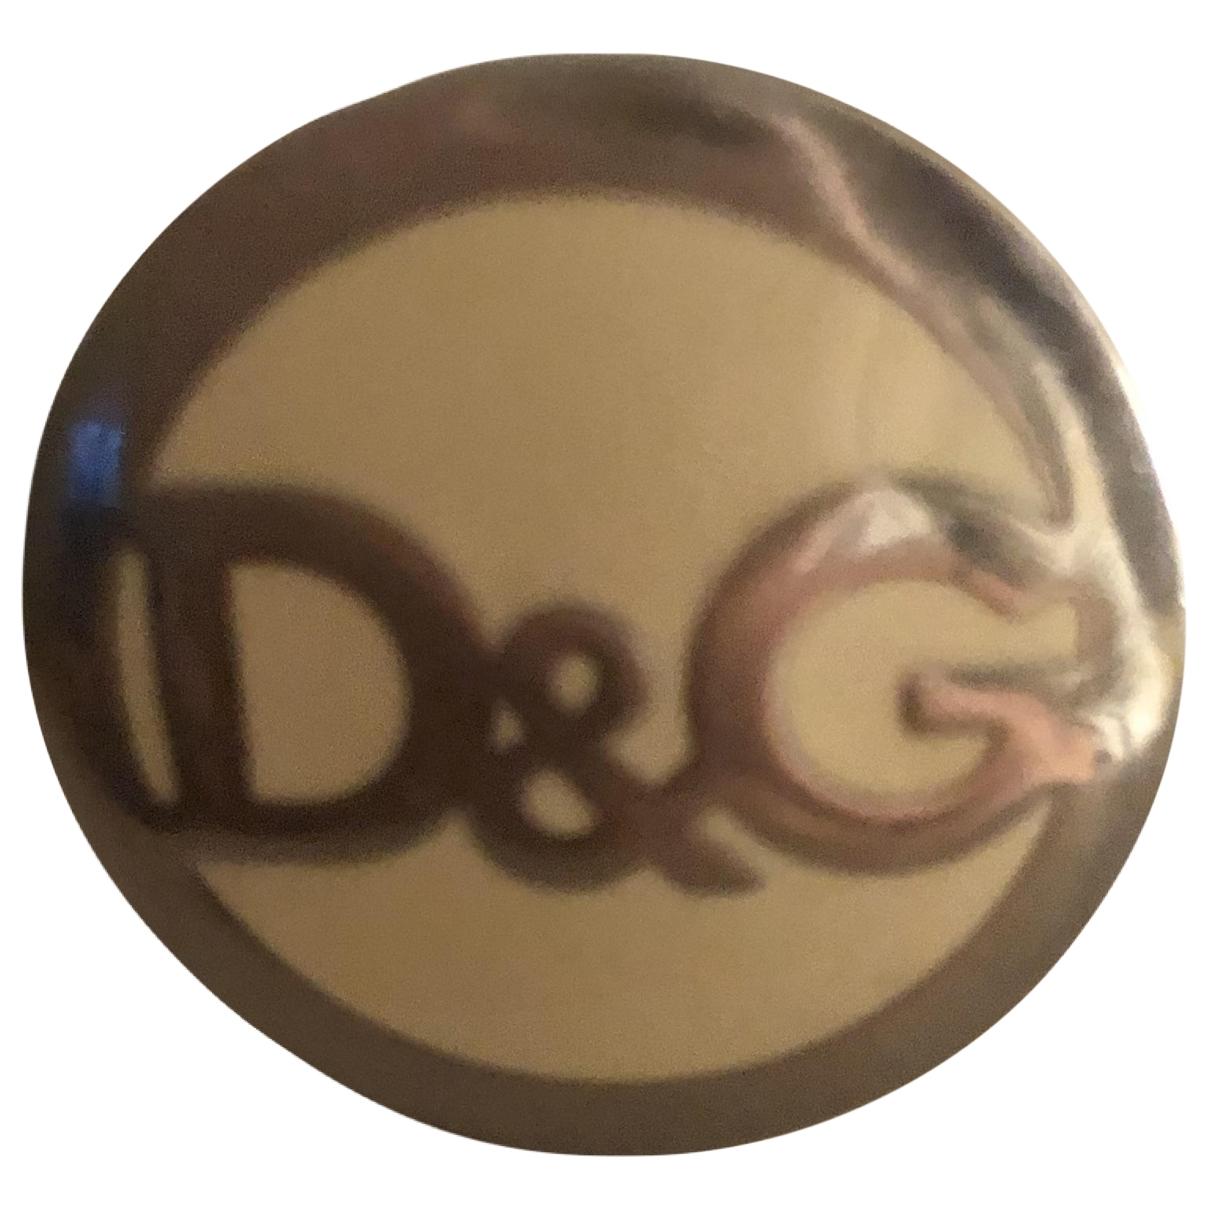 D&g \N Ring in  Gelb Stahl